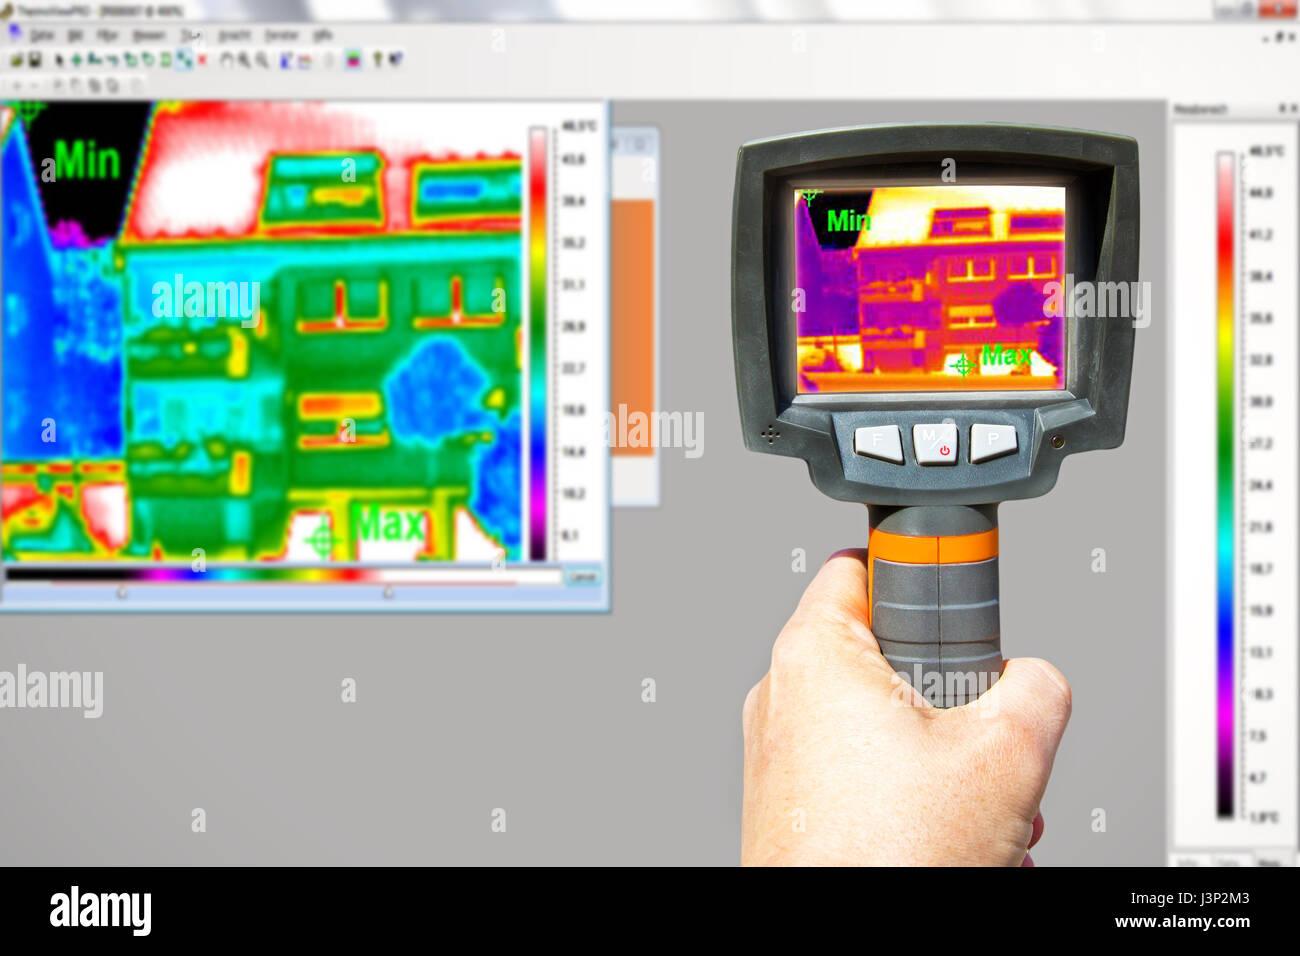 Telecamera a raggi infrarossi Immagini Stock